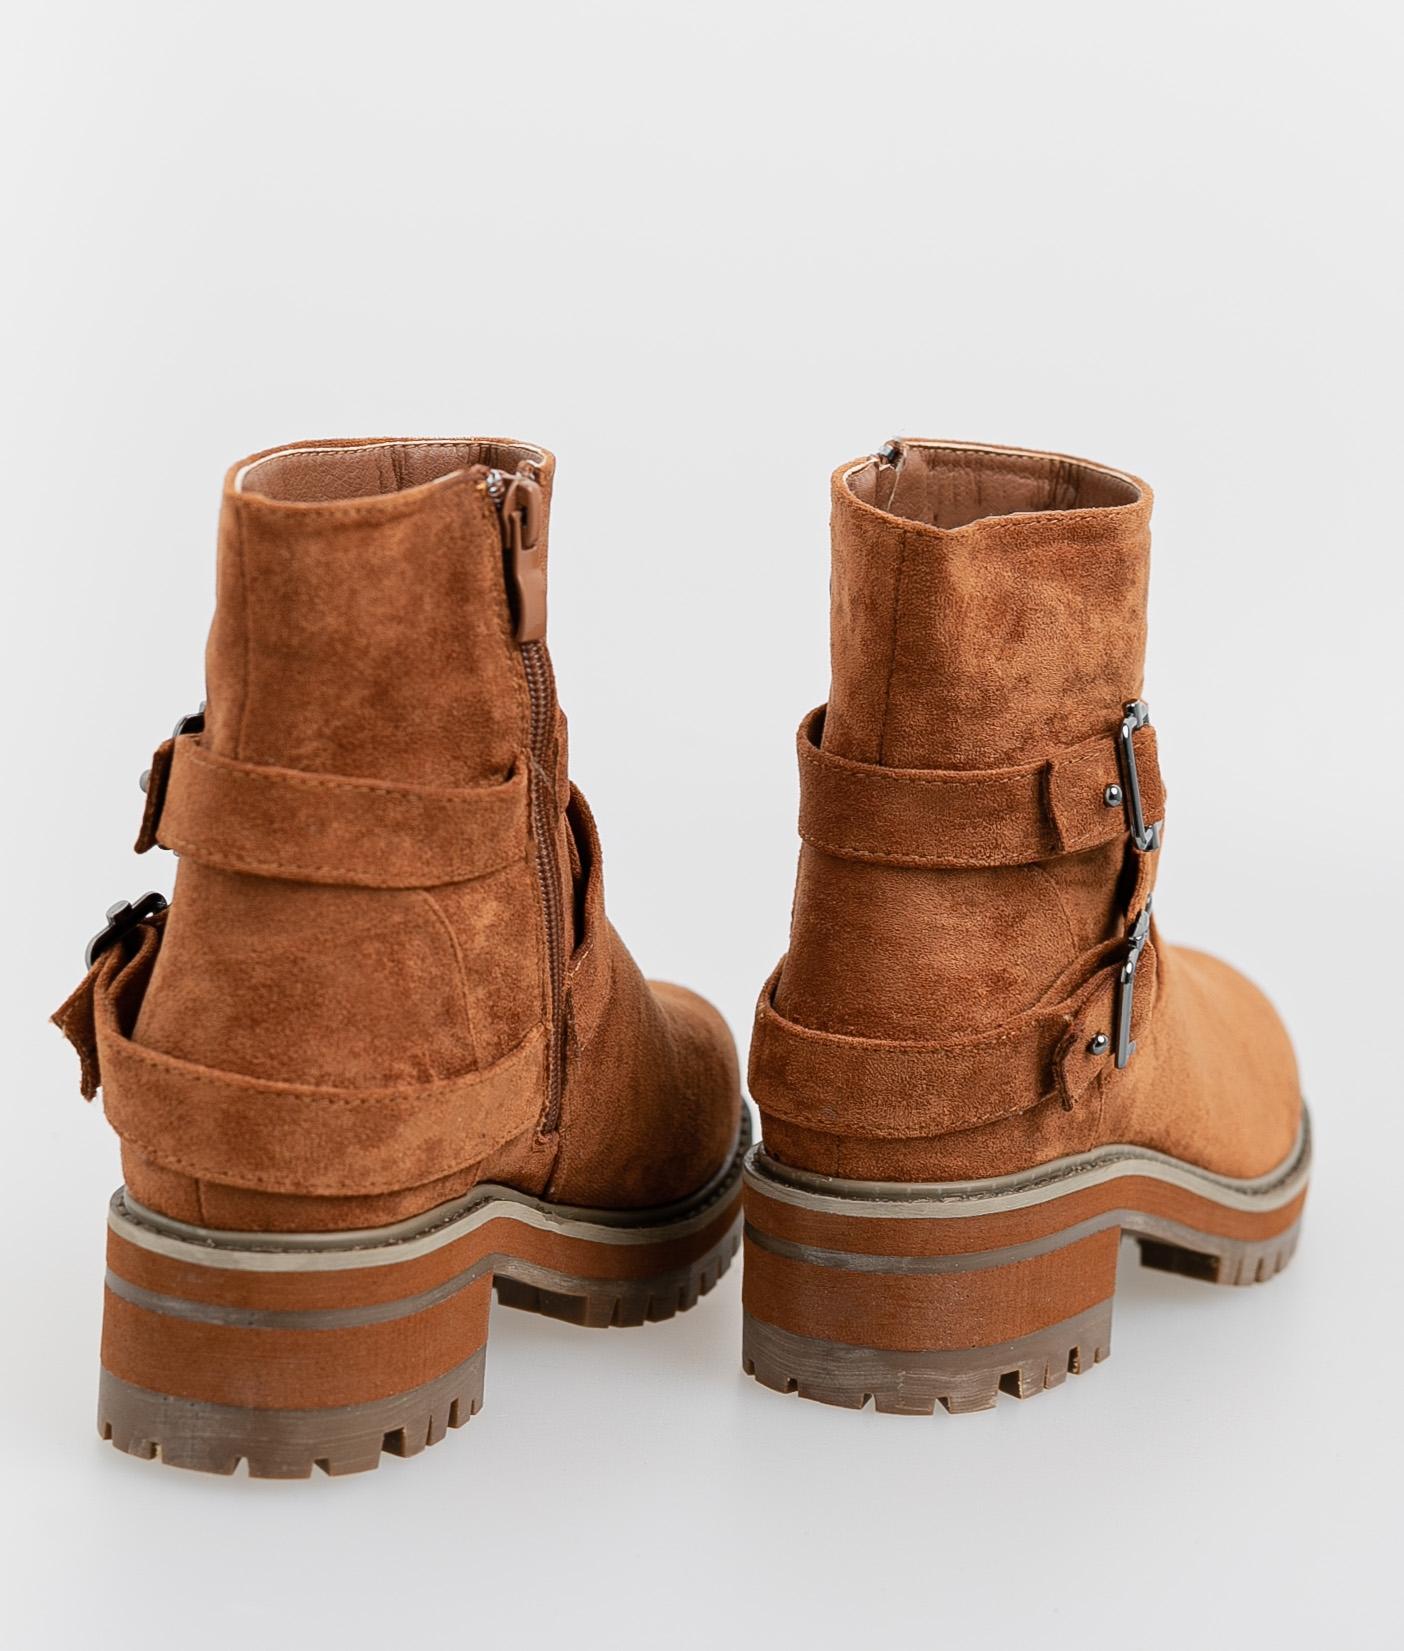 Brati Low Boot - Camel